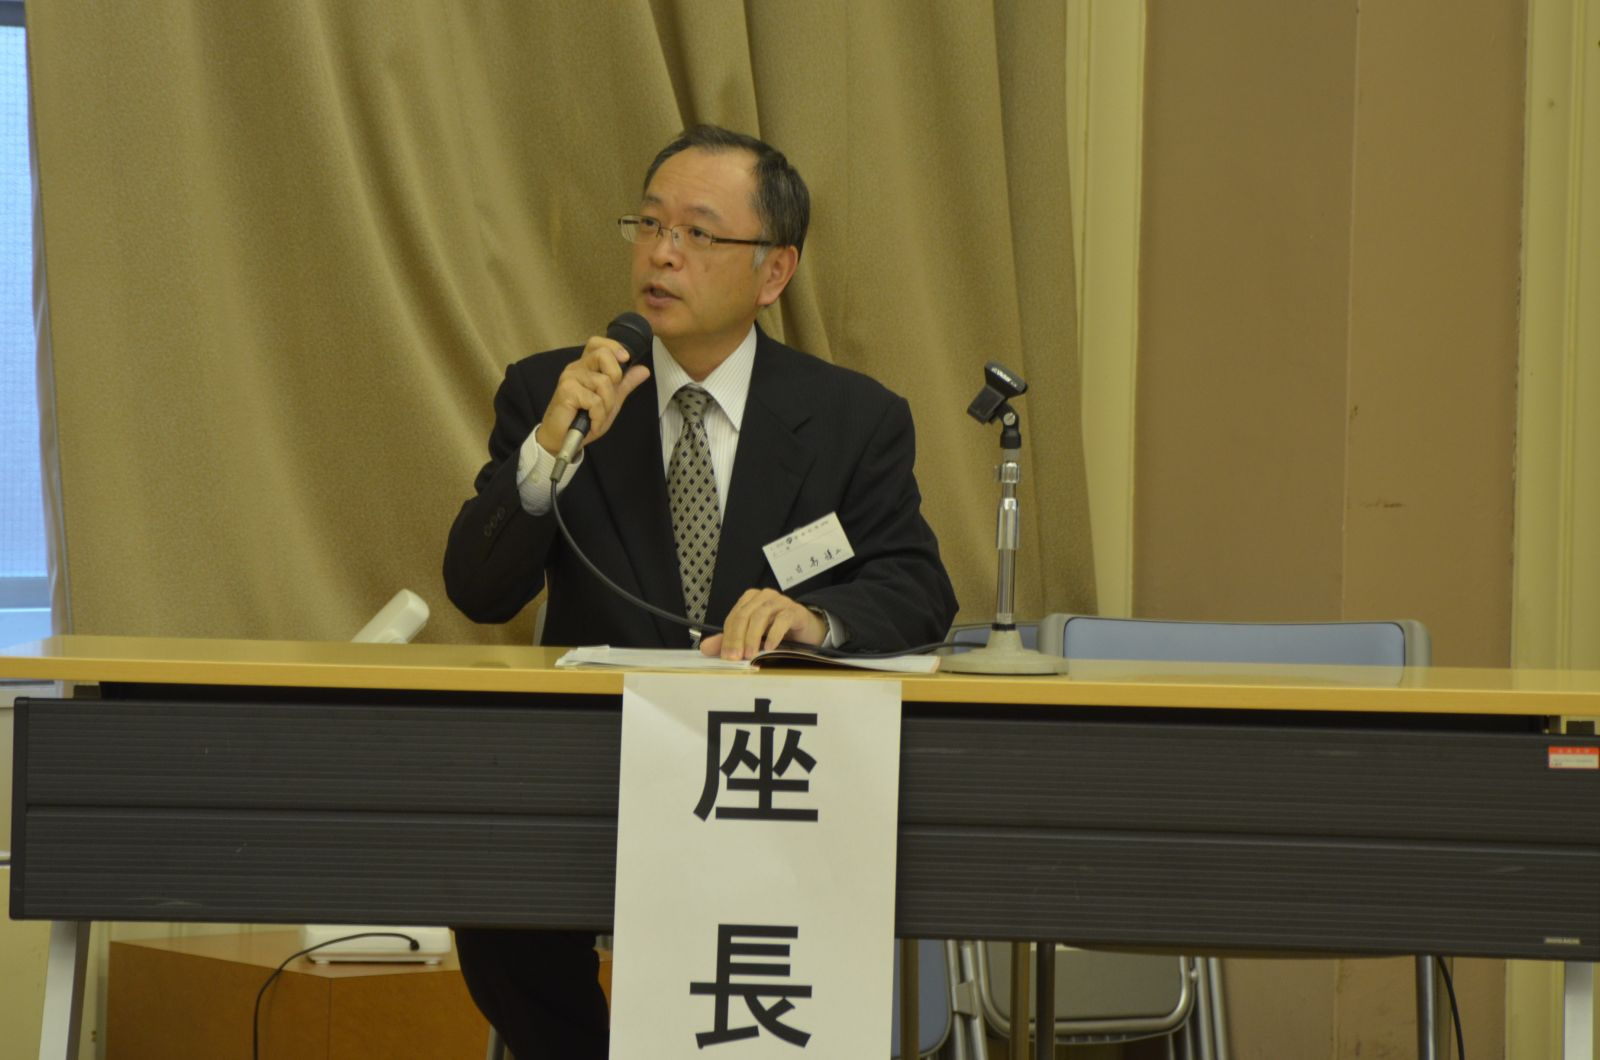 薬学部 日本 大学